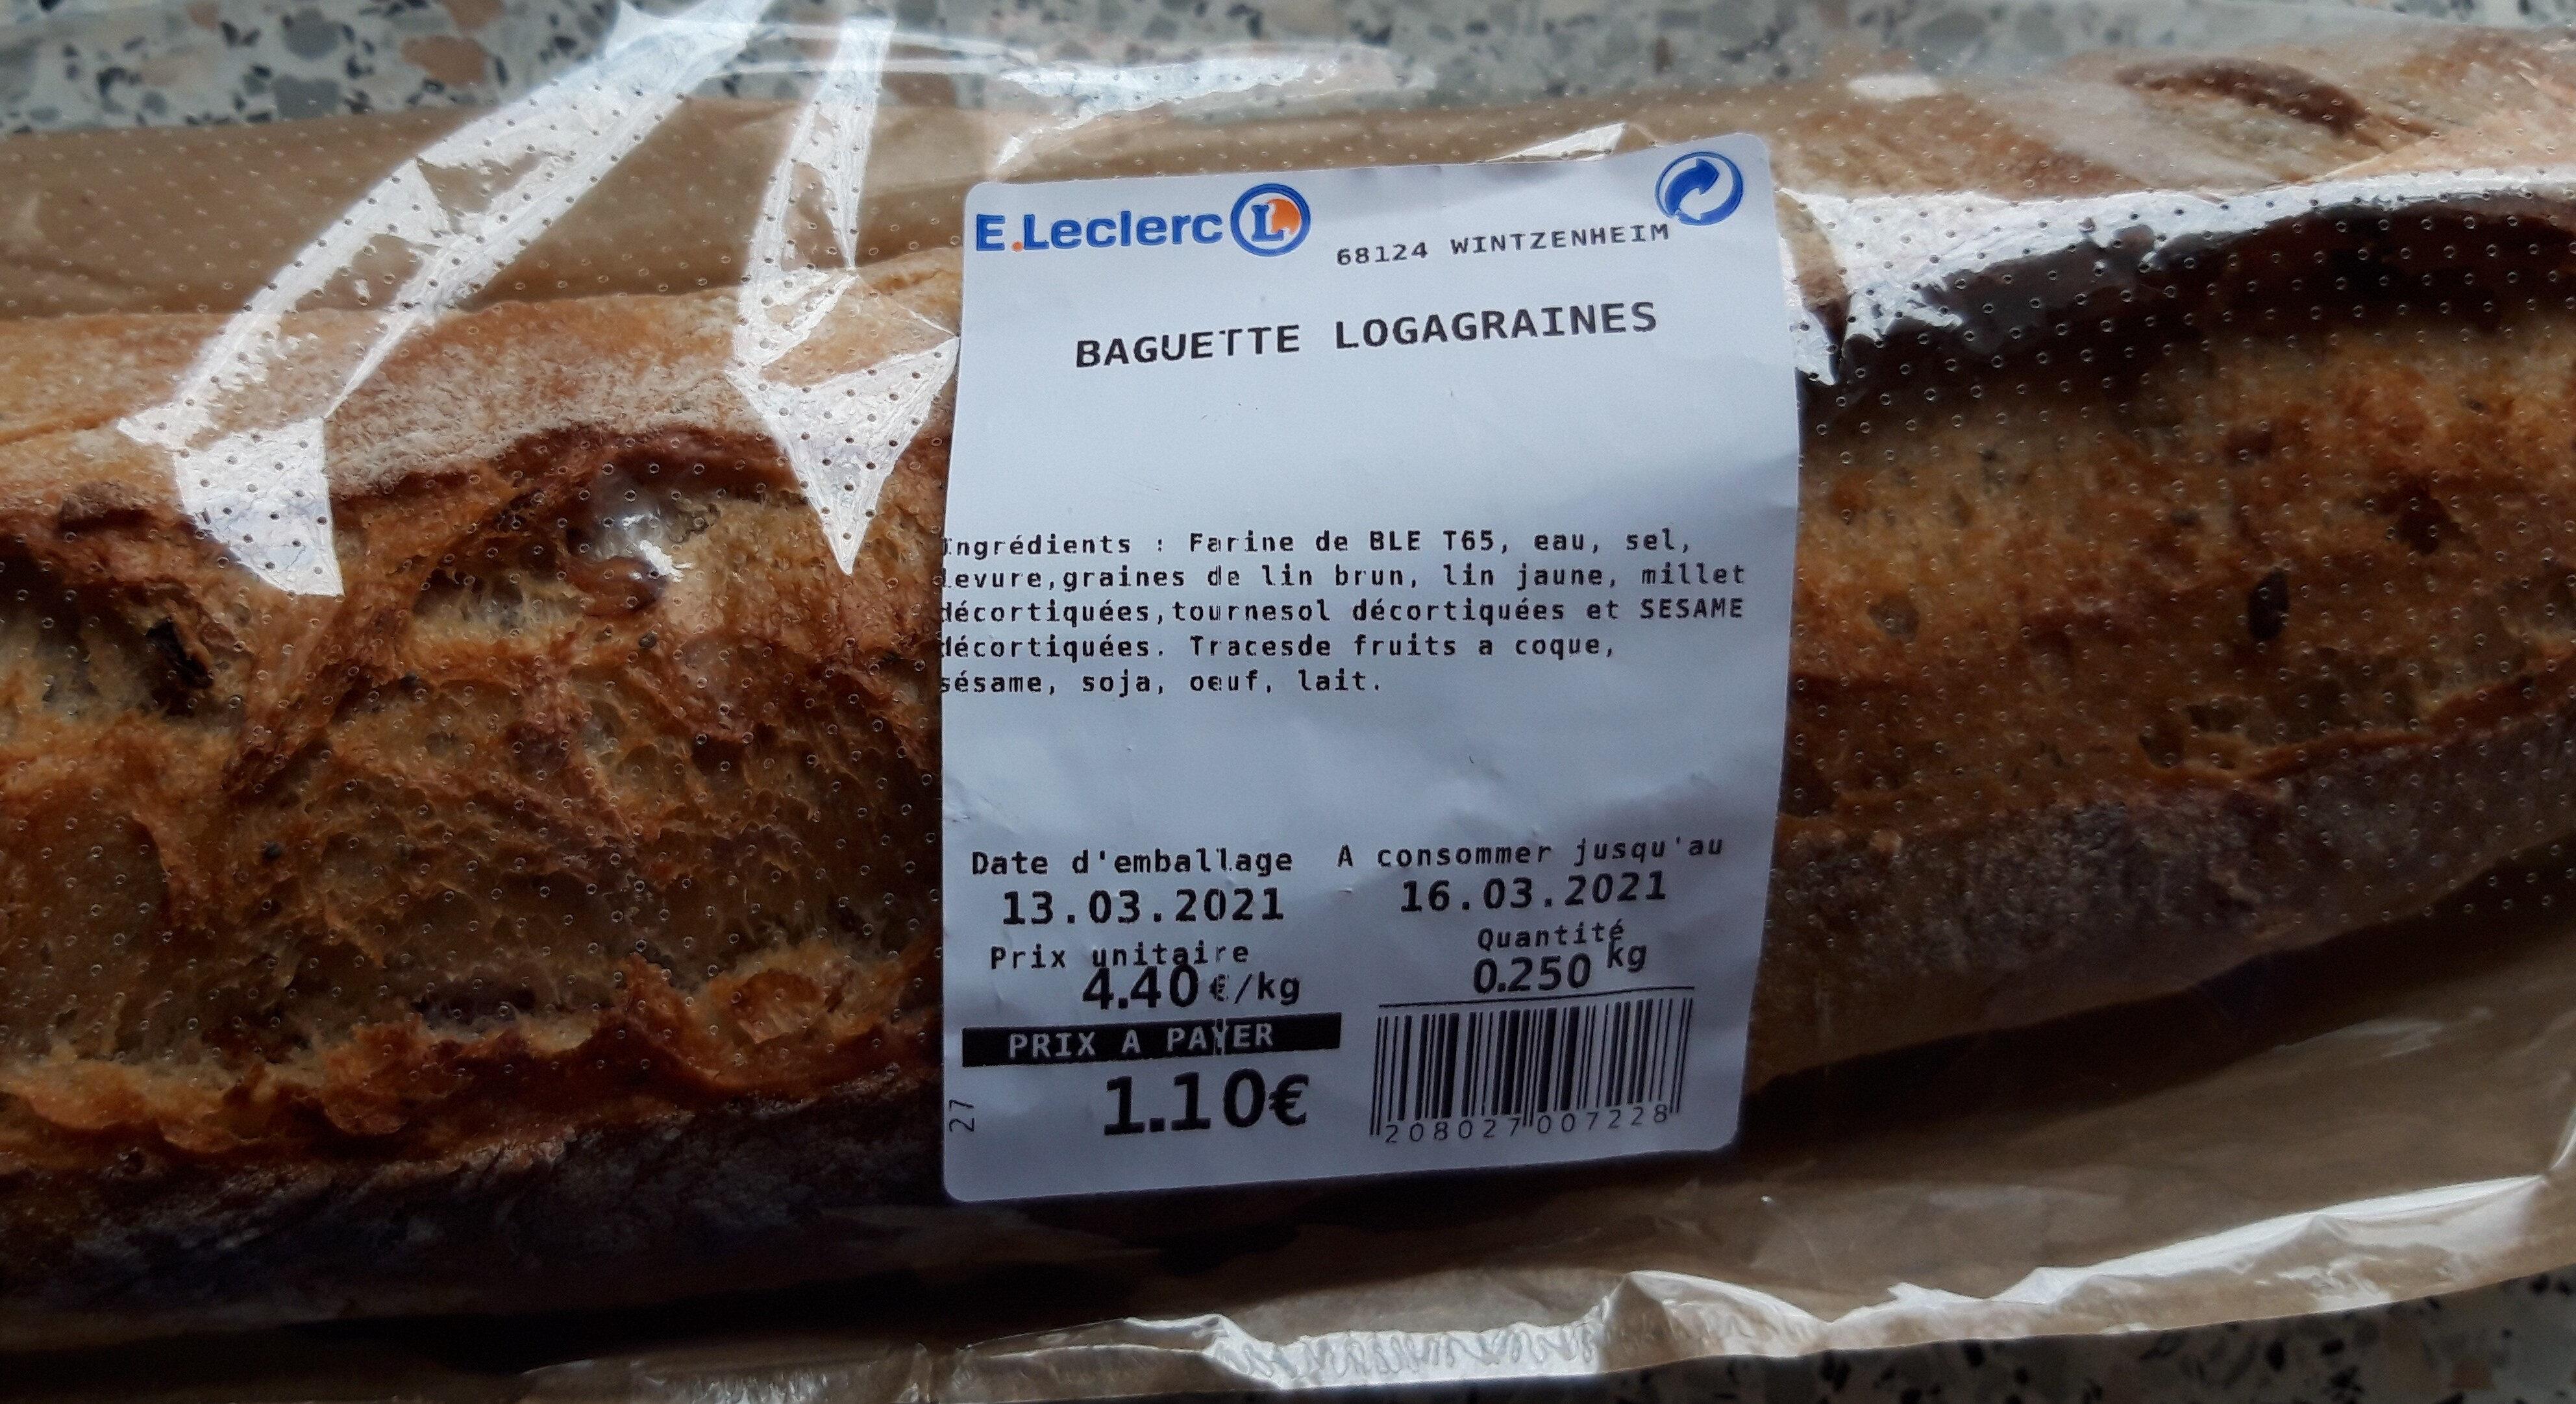 baguette logagraines - Prodotto - fr